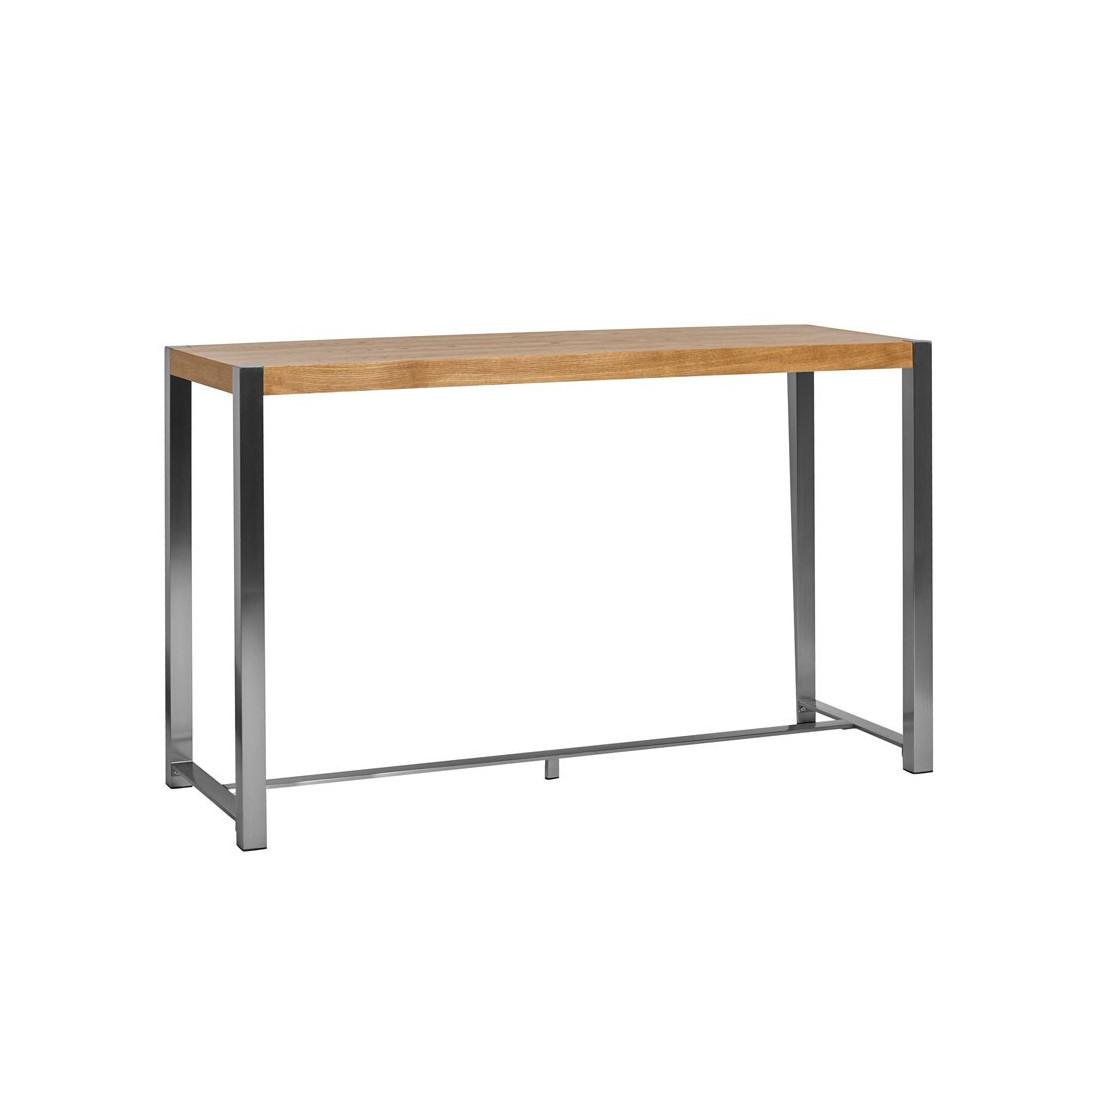 table haute ch ne pieds acier bonzai univers salle manger. Black Bedroom Furniture Sets. Home Design Ideas